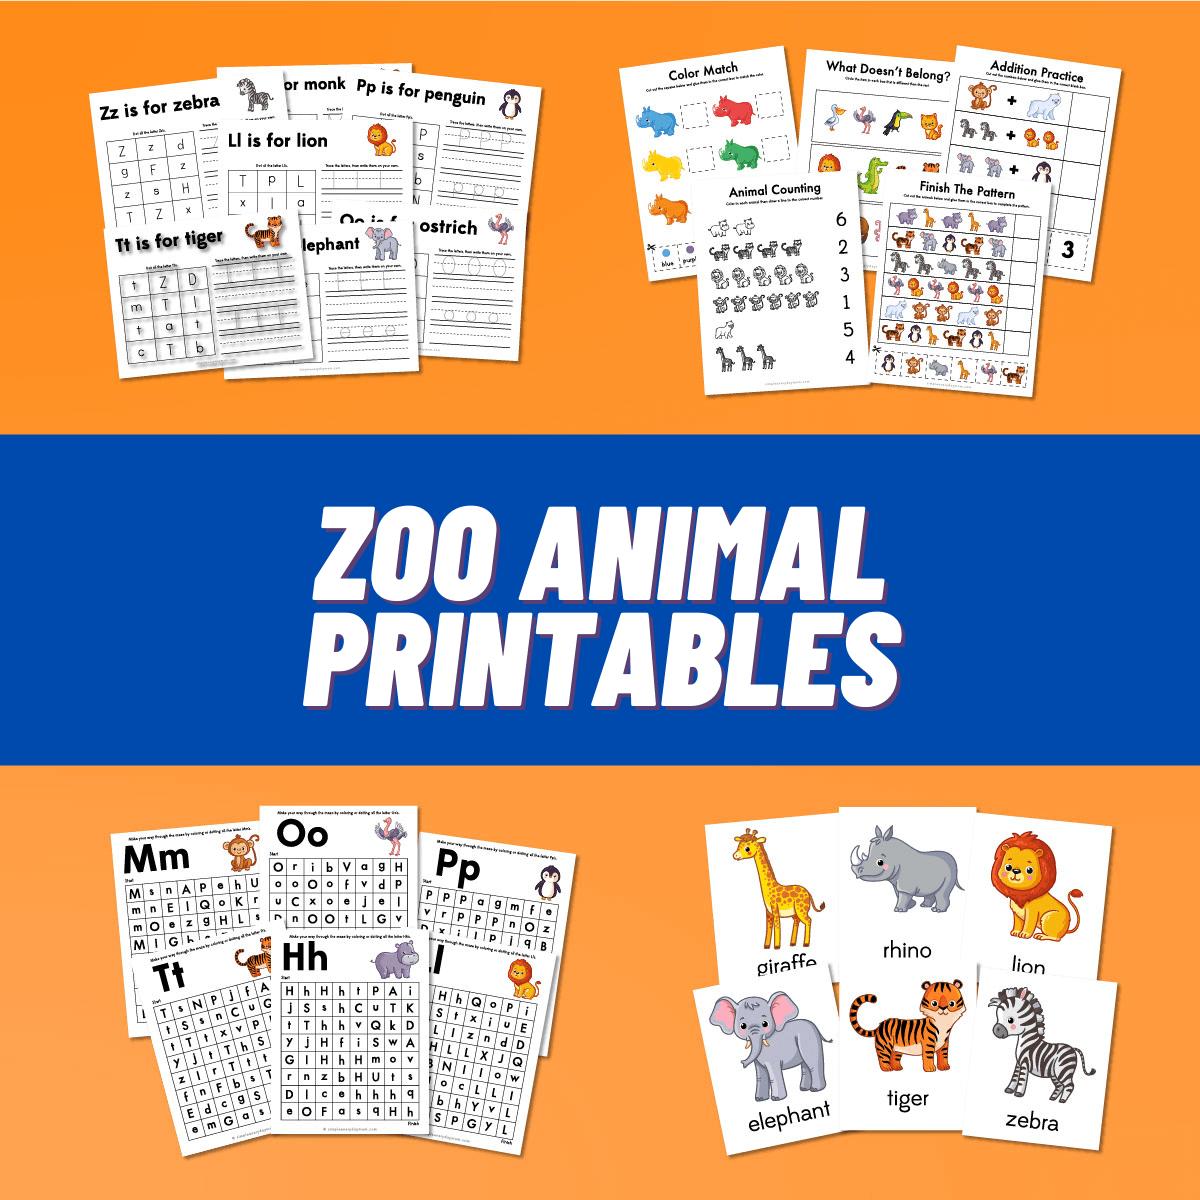 zoo animal printables